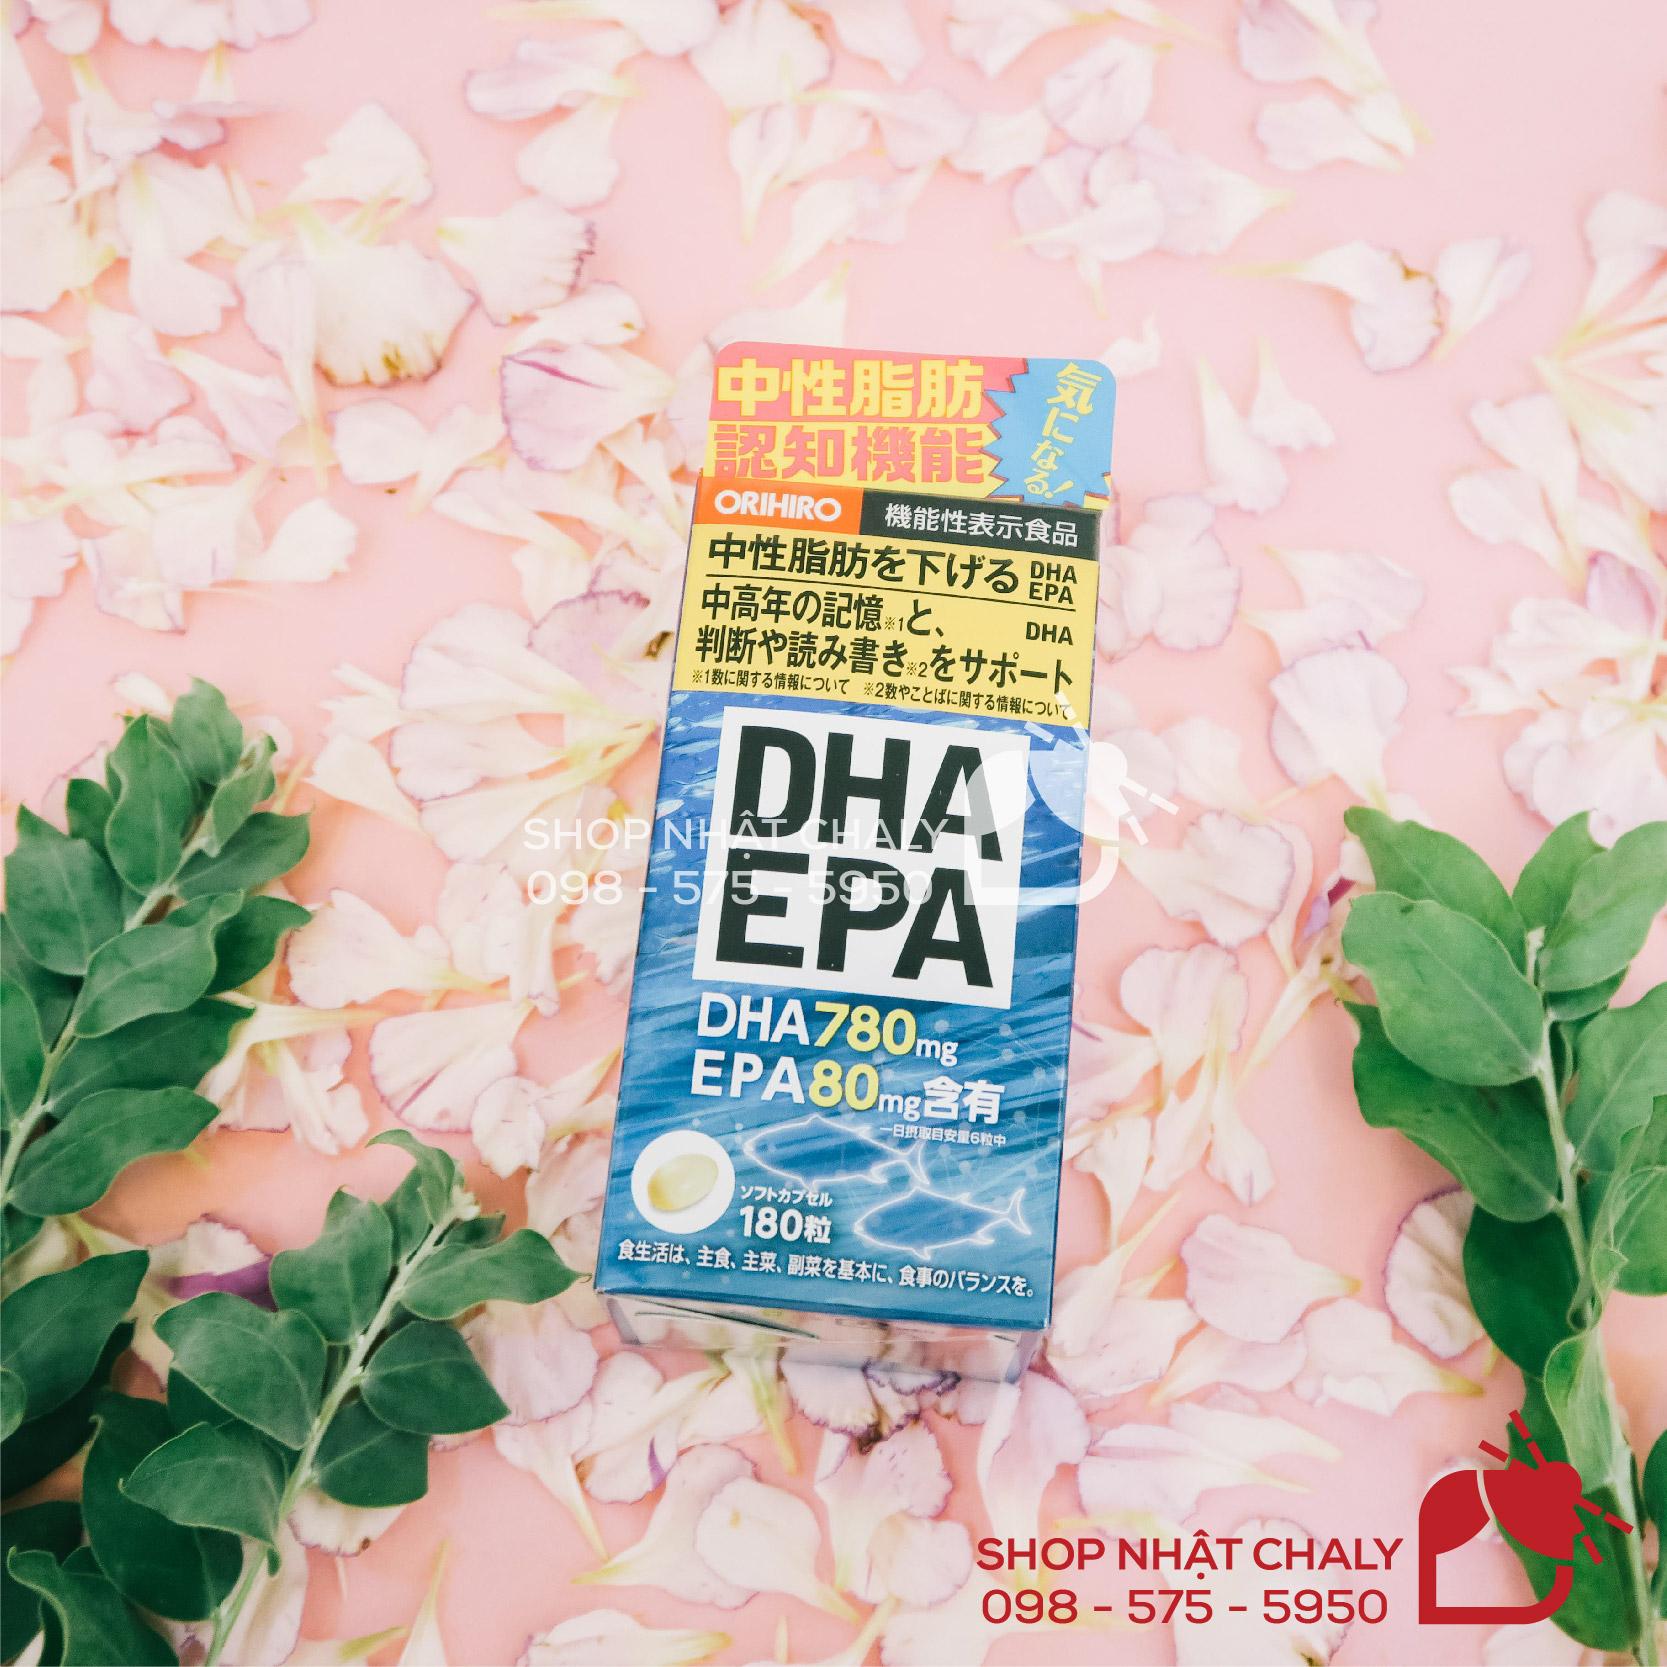 Thuốc bổ não Nhật Bản DHA & EPA của Orihiro được review cao, mang lại hiệu quả tốt cho não bộ và hệ thần kinh, đồng thời giảm mỡ máu